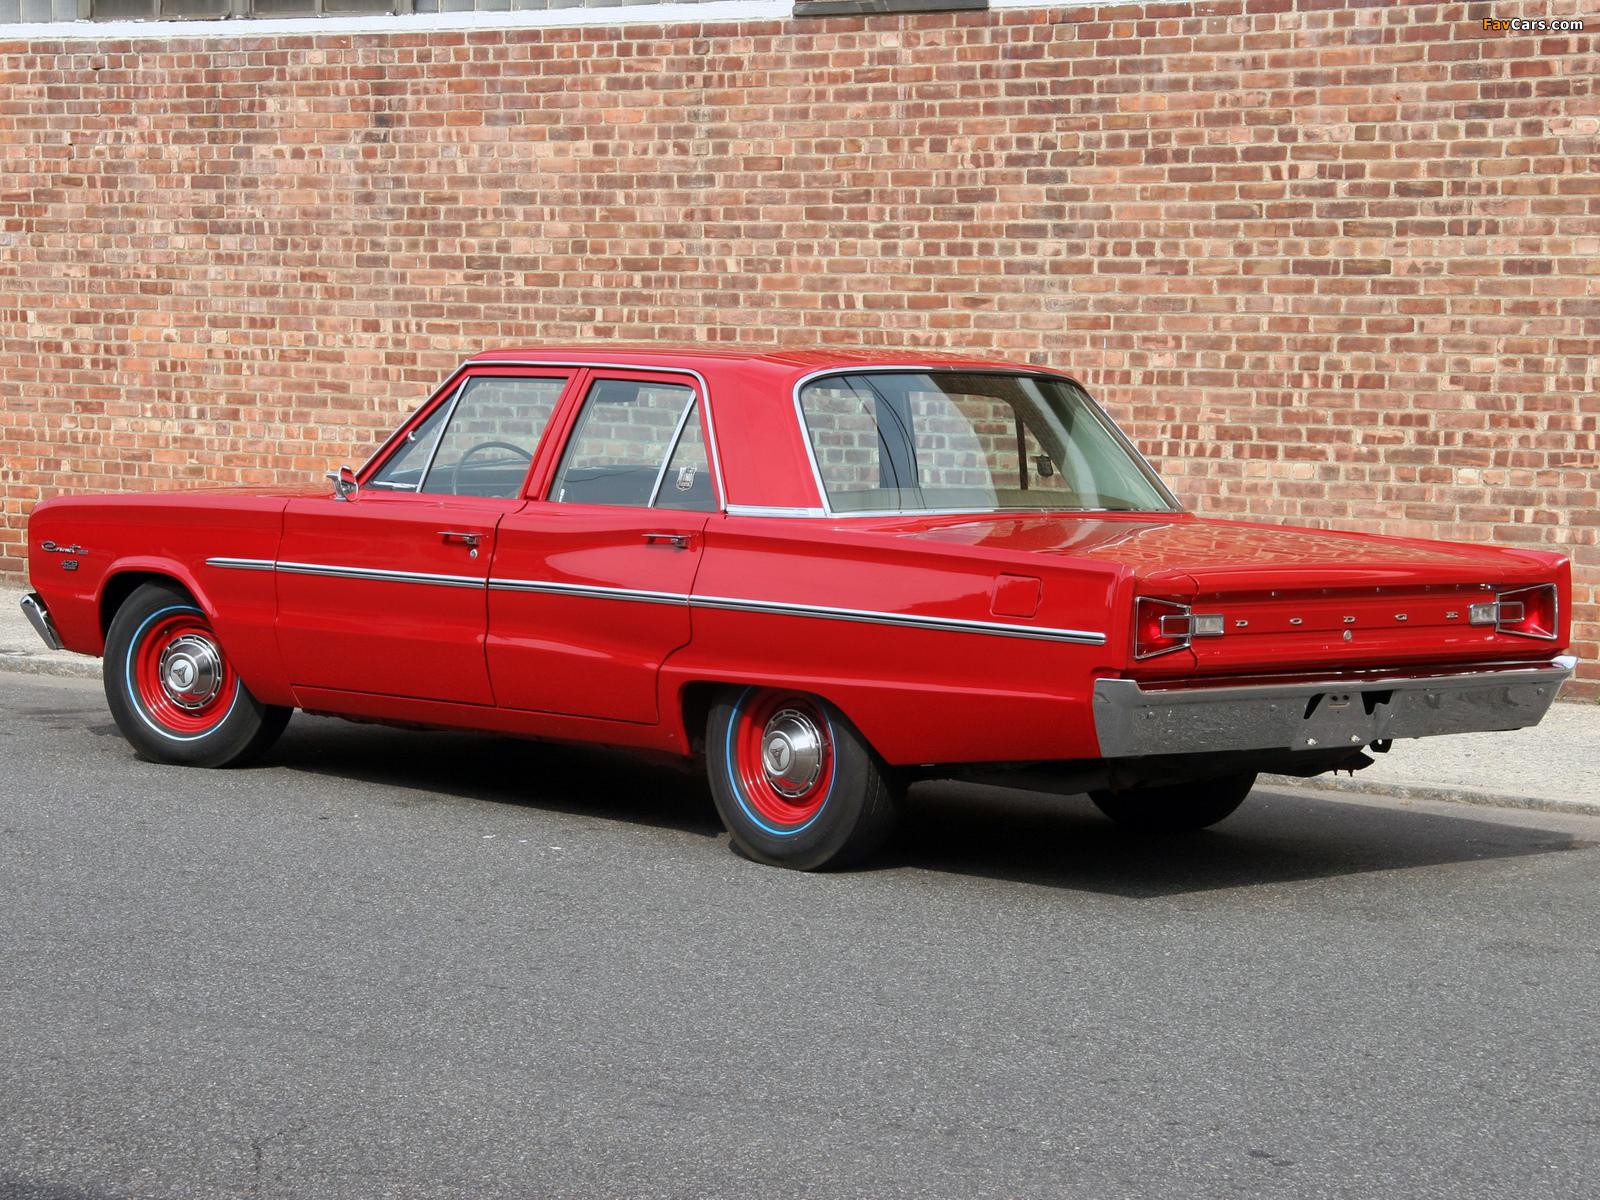 Dodge Coronet Deluxe 426 Hemi 4-door Sedan 1966 images (1600 x 1200)